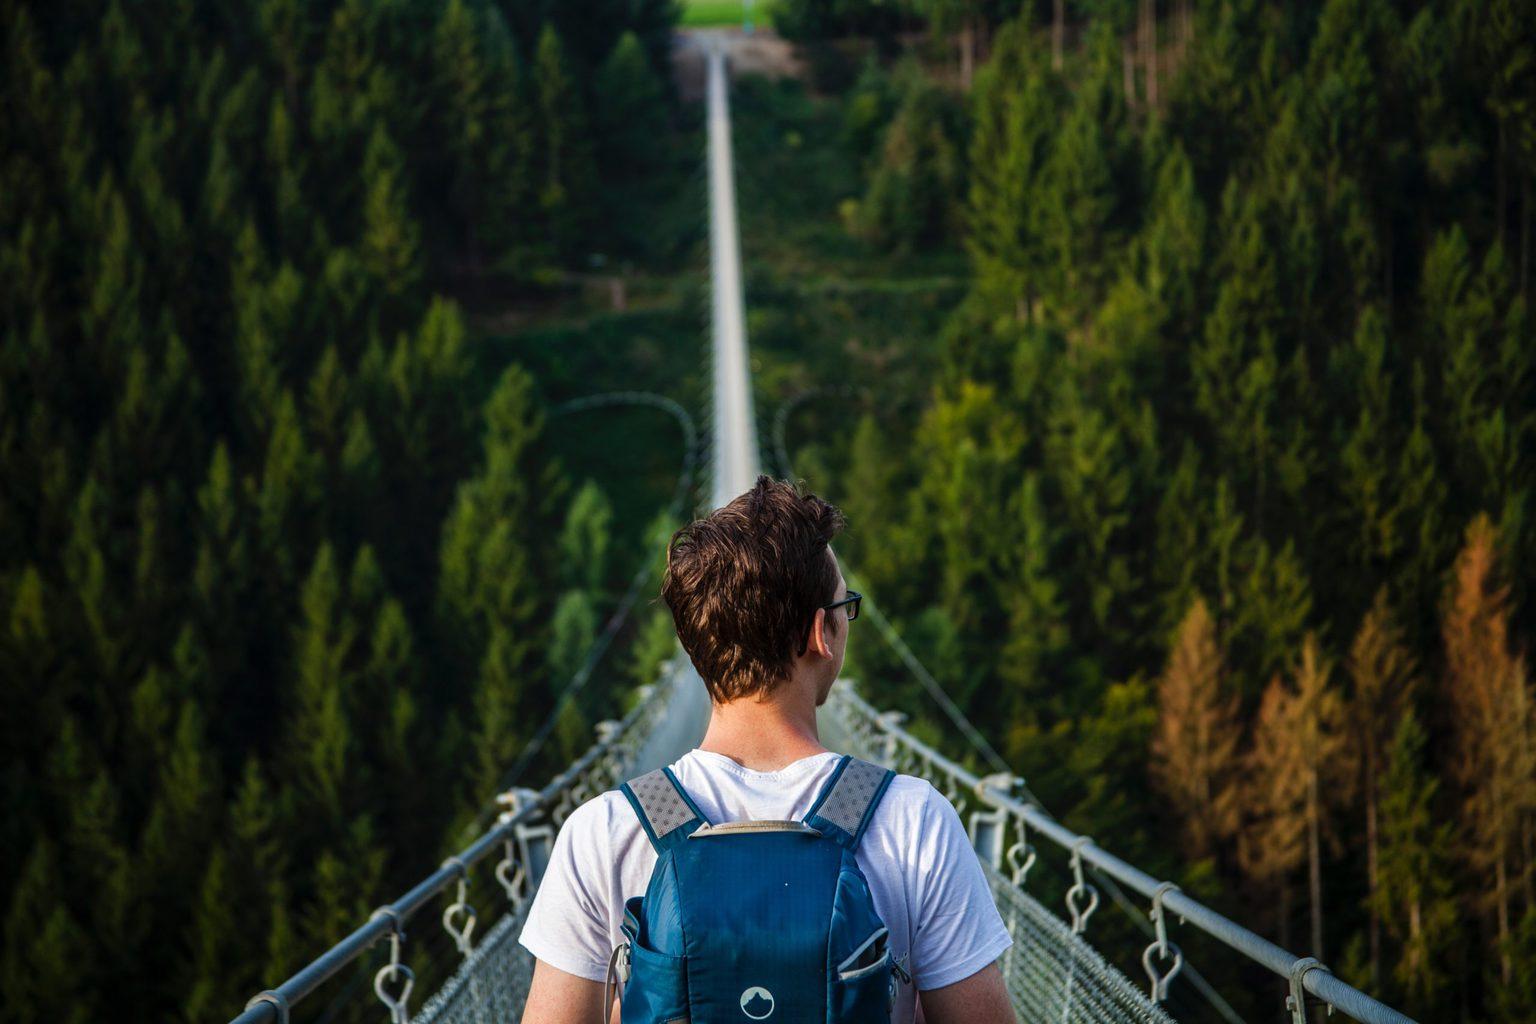 Een jonge man op de Geierley Hangbrug in de Hunsrück in Dutisland